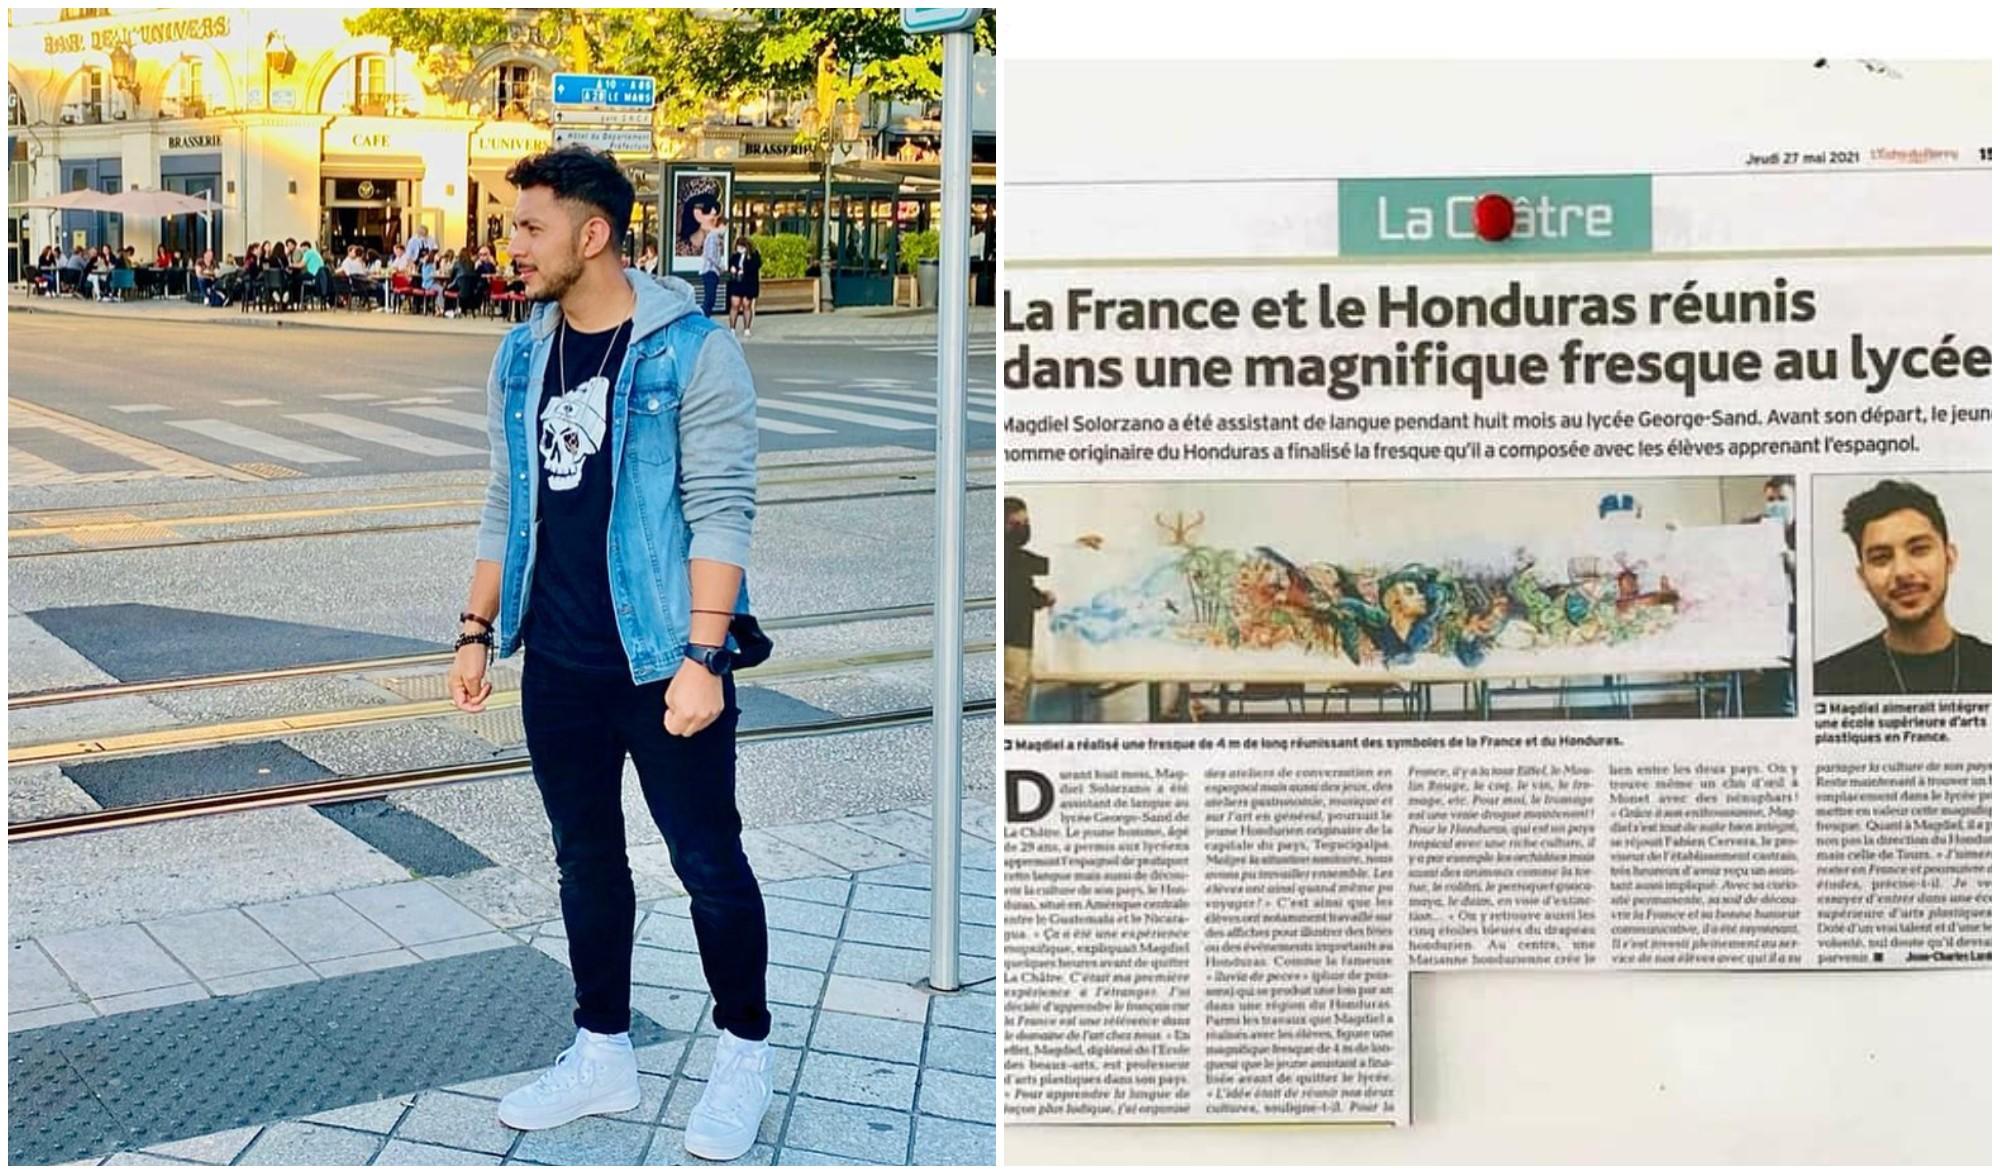 Periódico francés destacó al hondureño Mack Nuñez y su trabajo